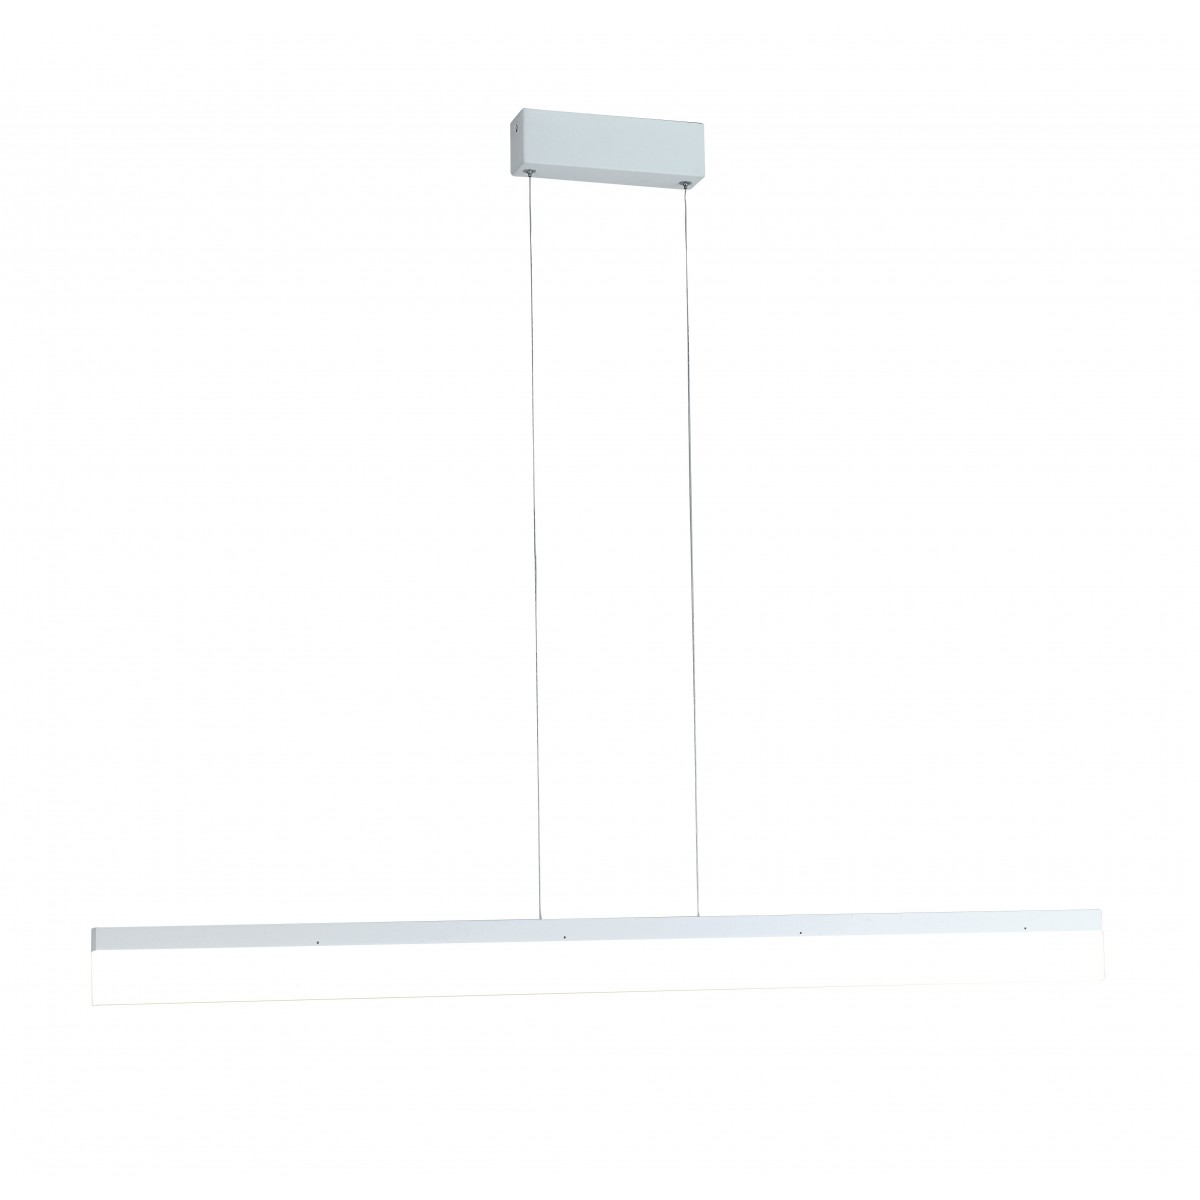 LED-SATURN-S120 - Lustre à Suspension Rectangulaire Blanc Aluminium Acrylique Led 36 watts Lumière Naturelle